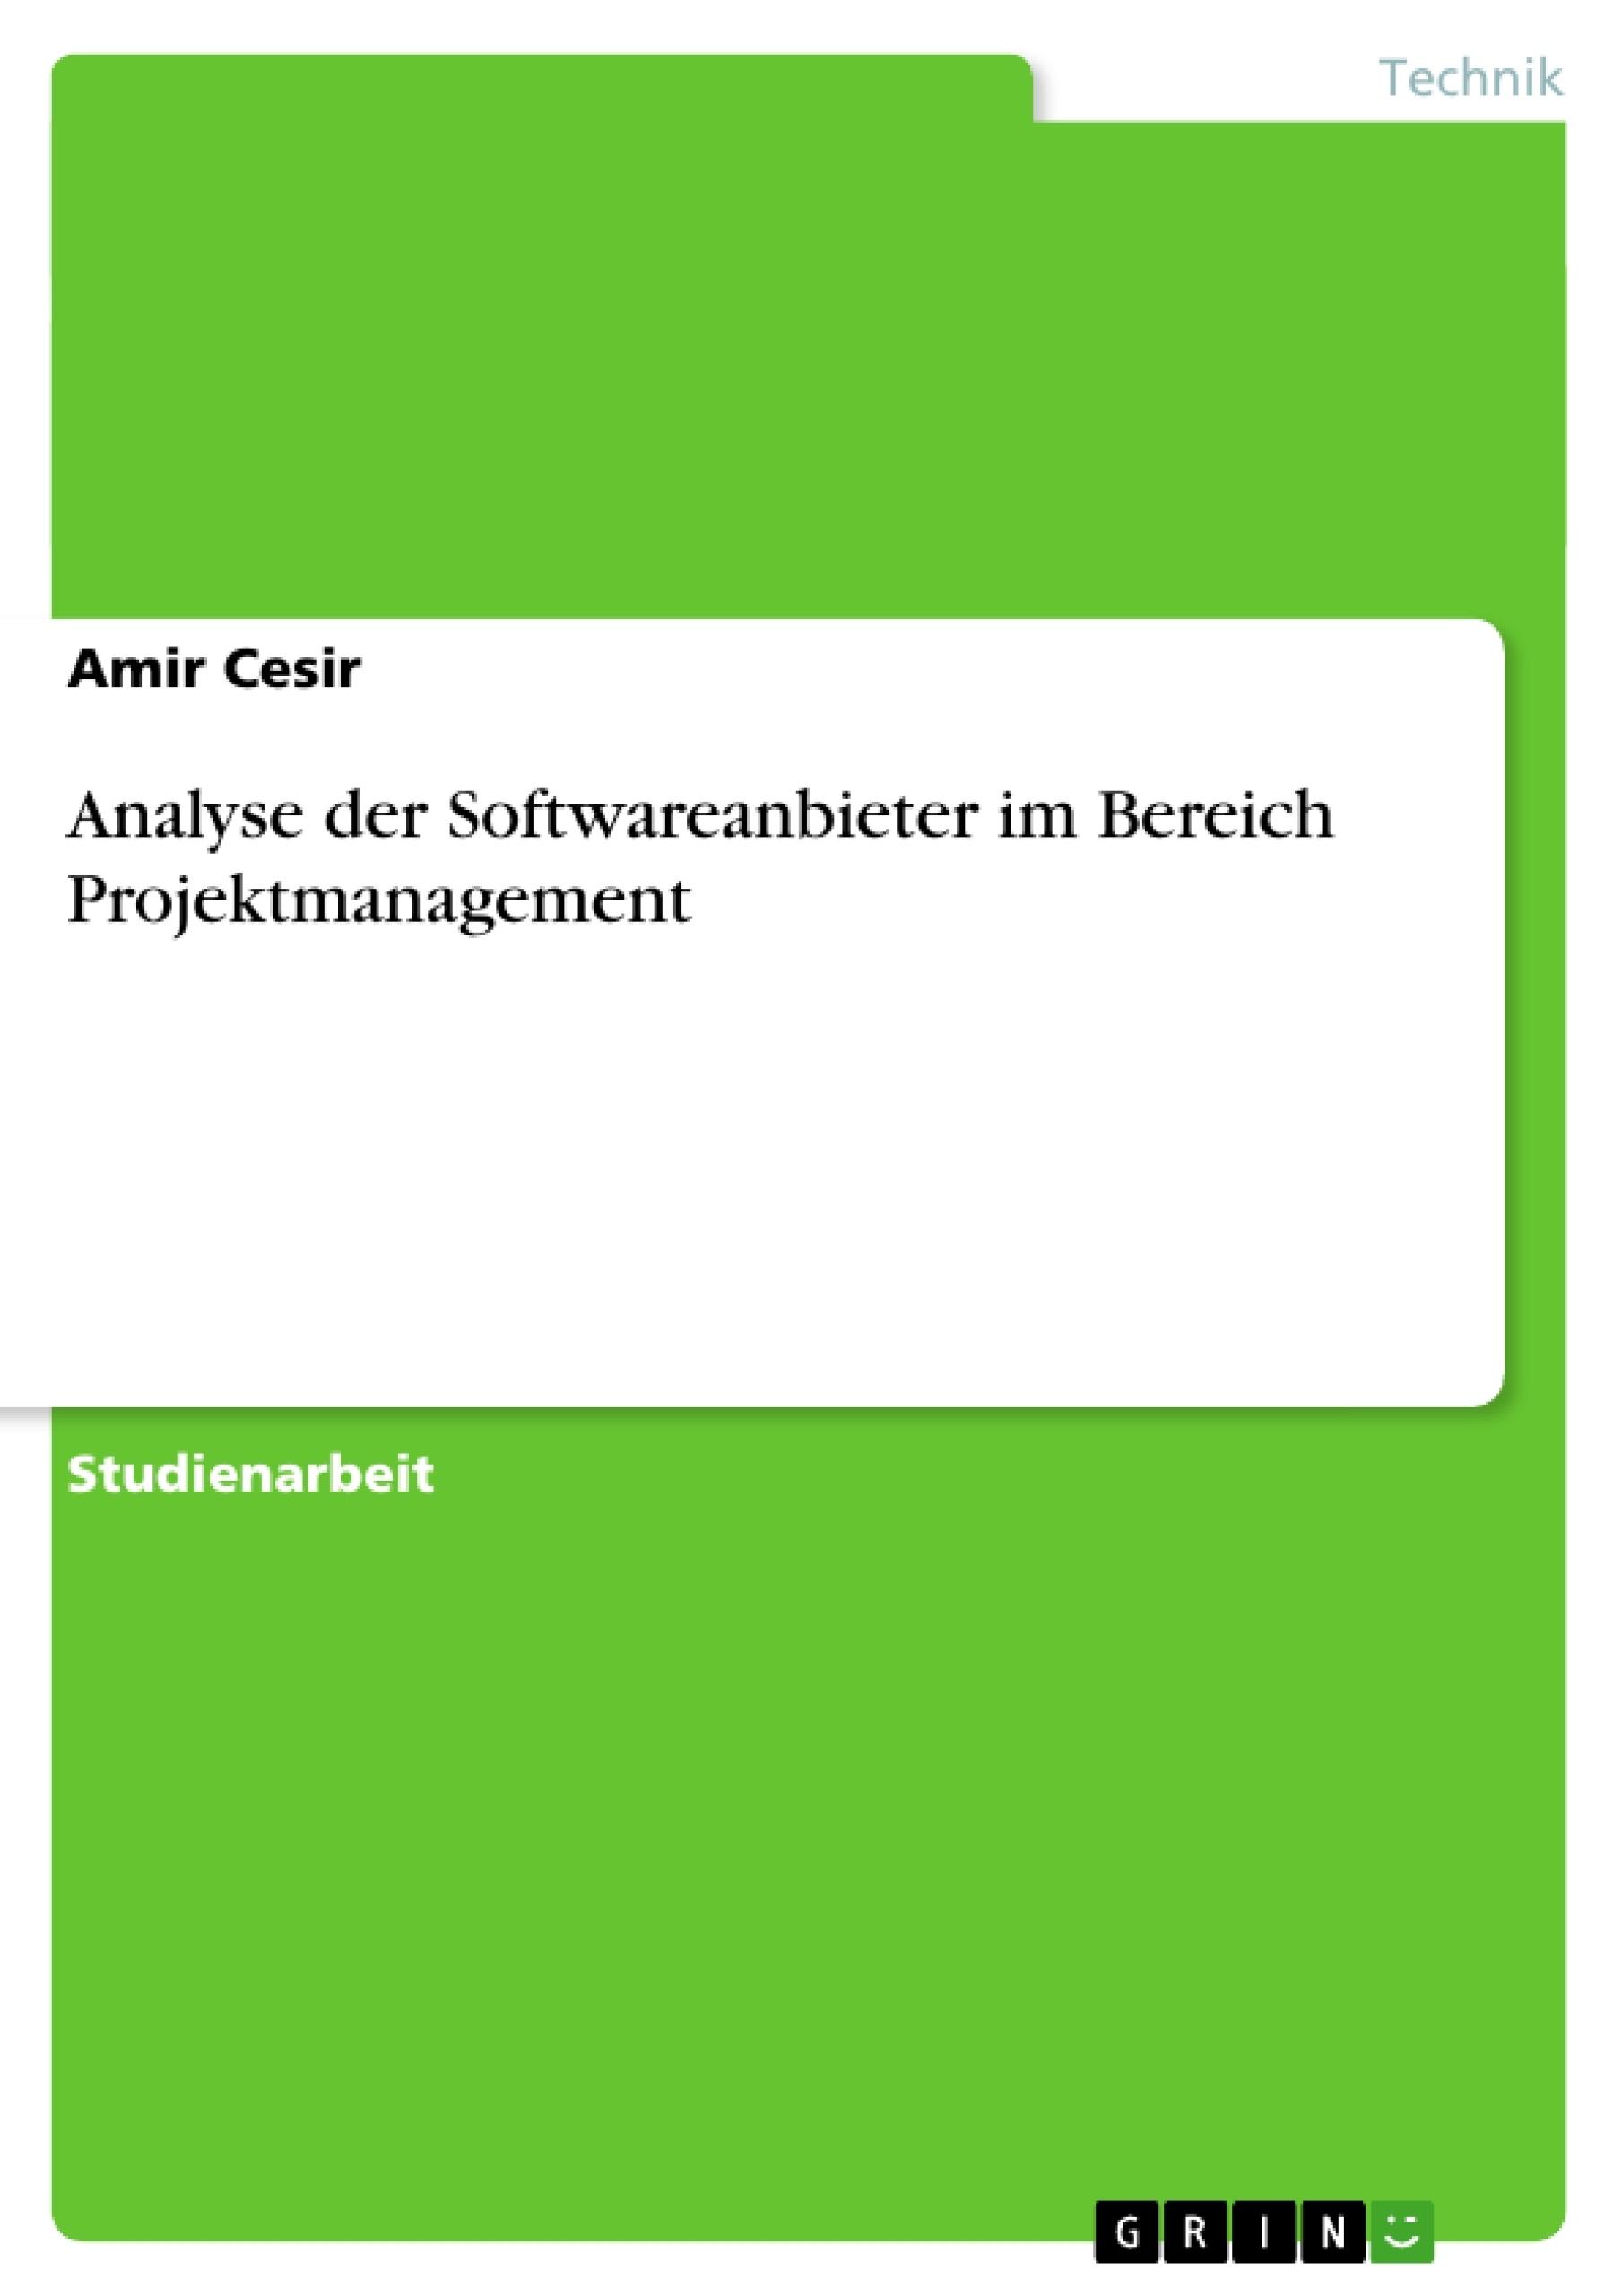 Titel: Analyse der Softwareanbieter im Bereich Projektmanagement